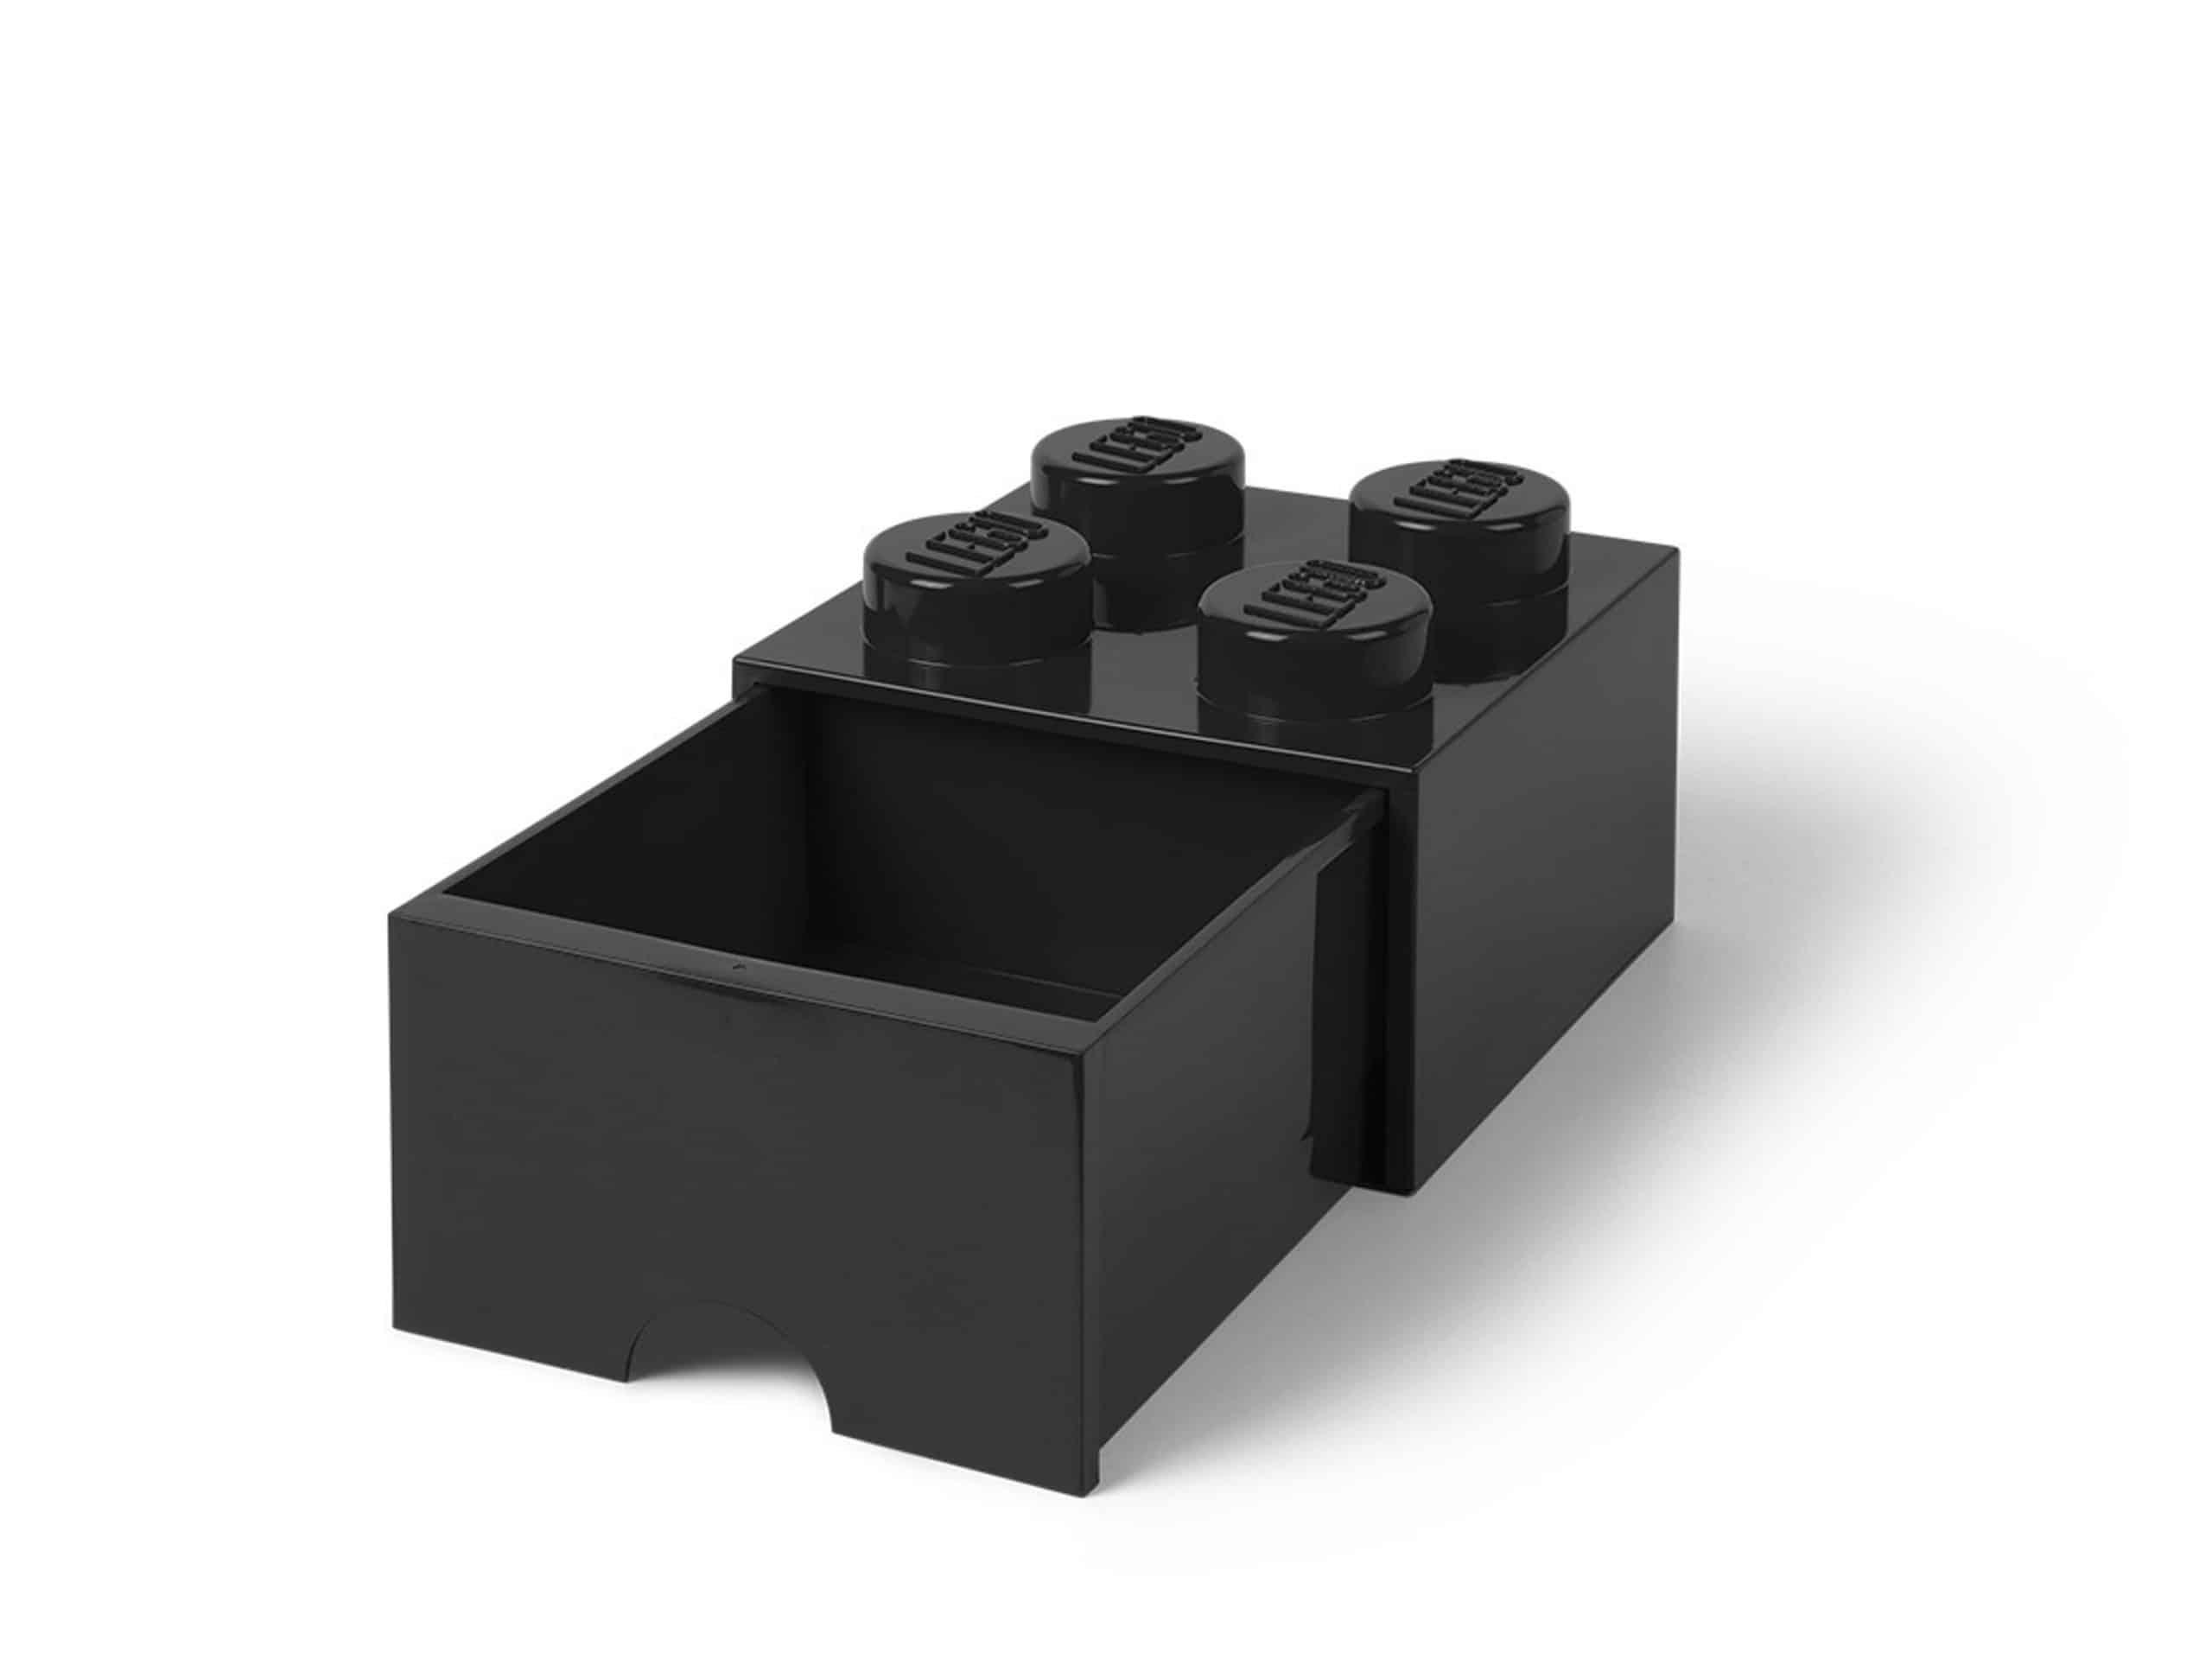 lego zwarte opslagsteen met 4 noppen en een lade 5005711 scaled